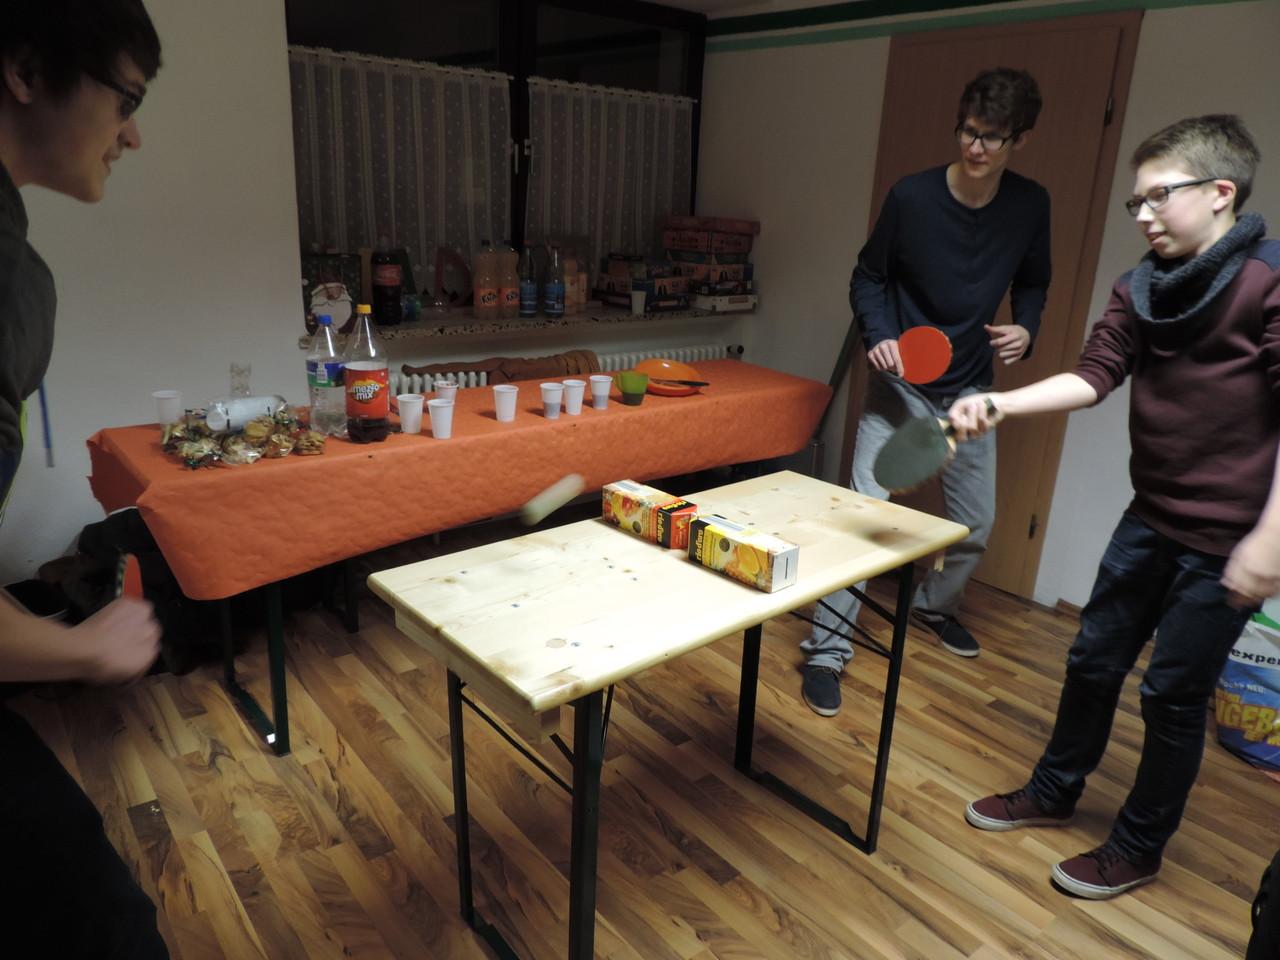 Mini-Tischtennis - seeeeehr amüsant